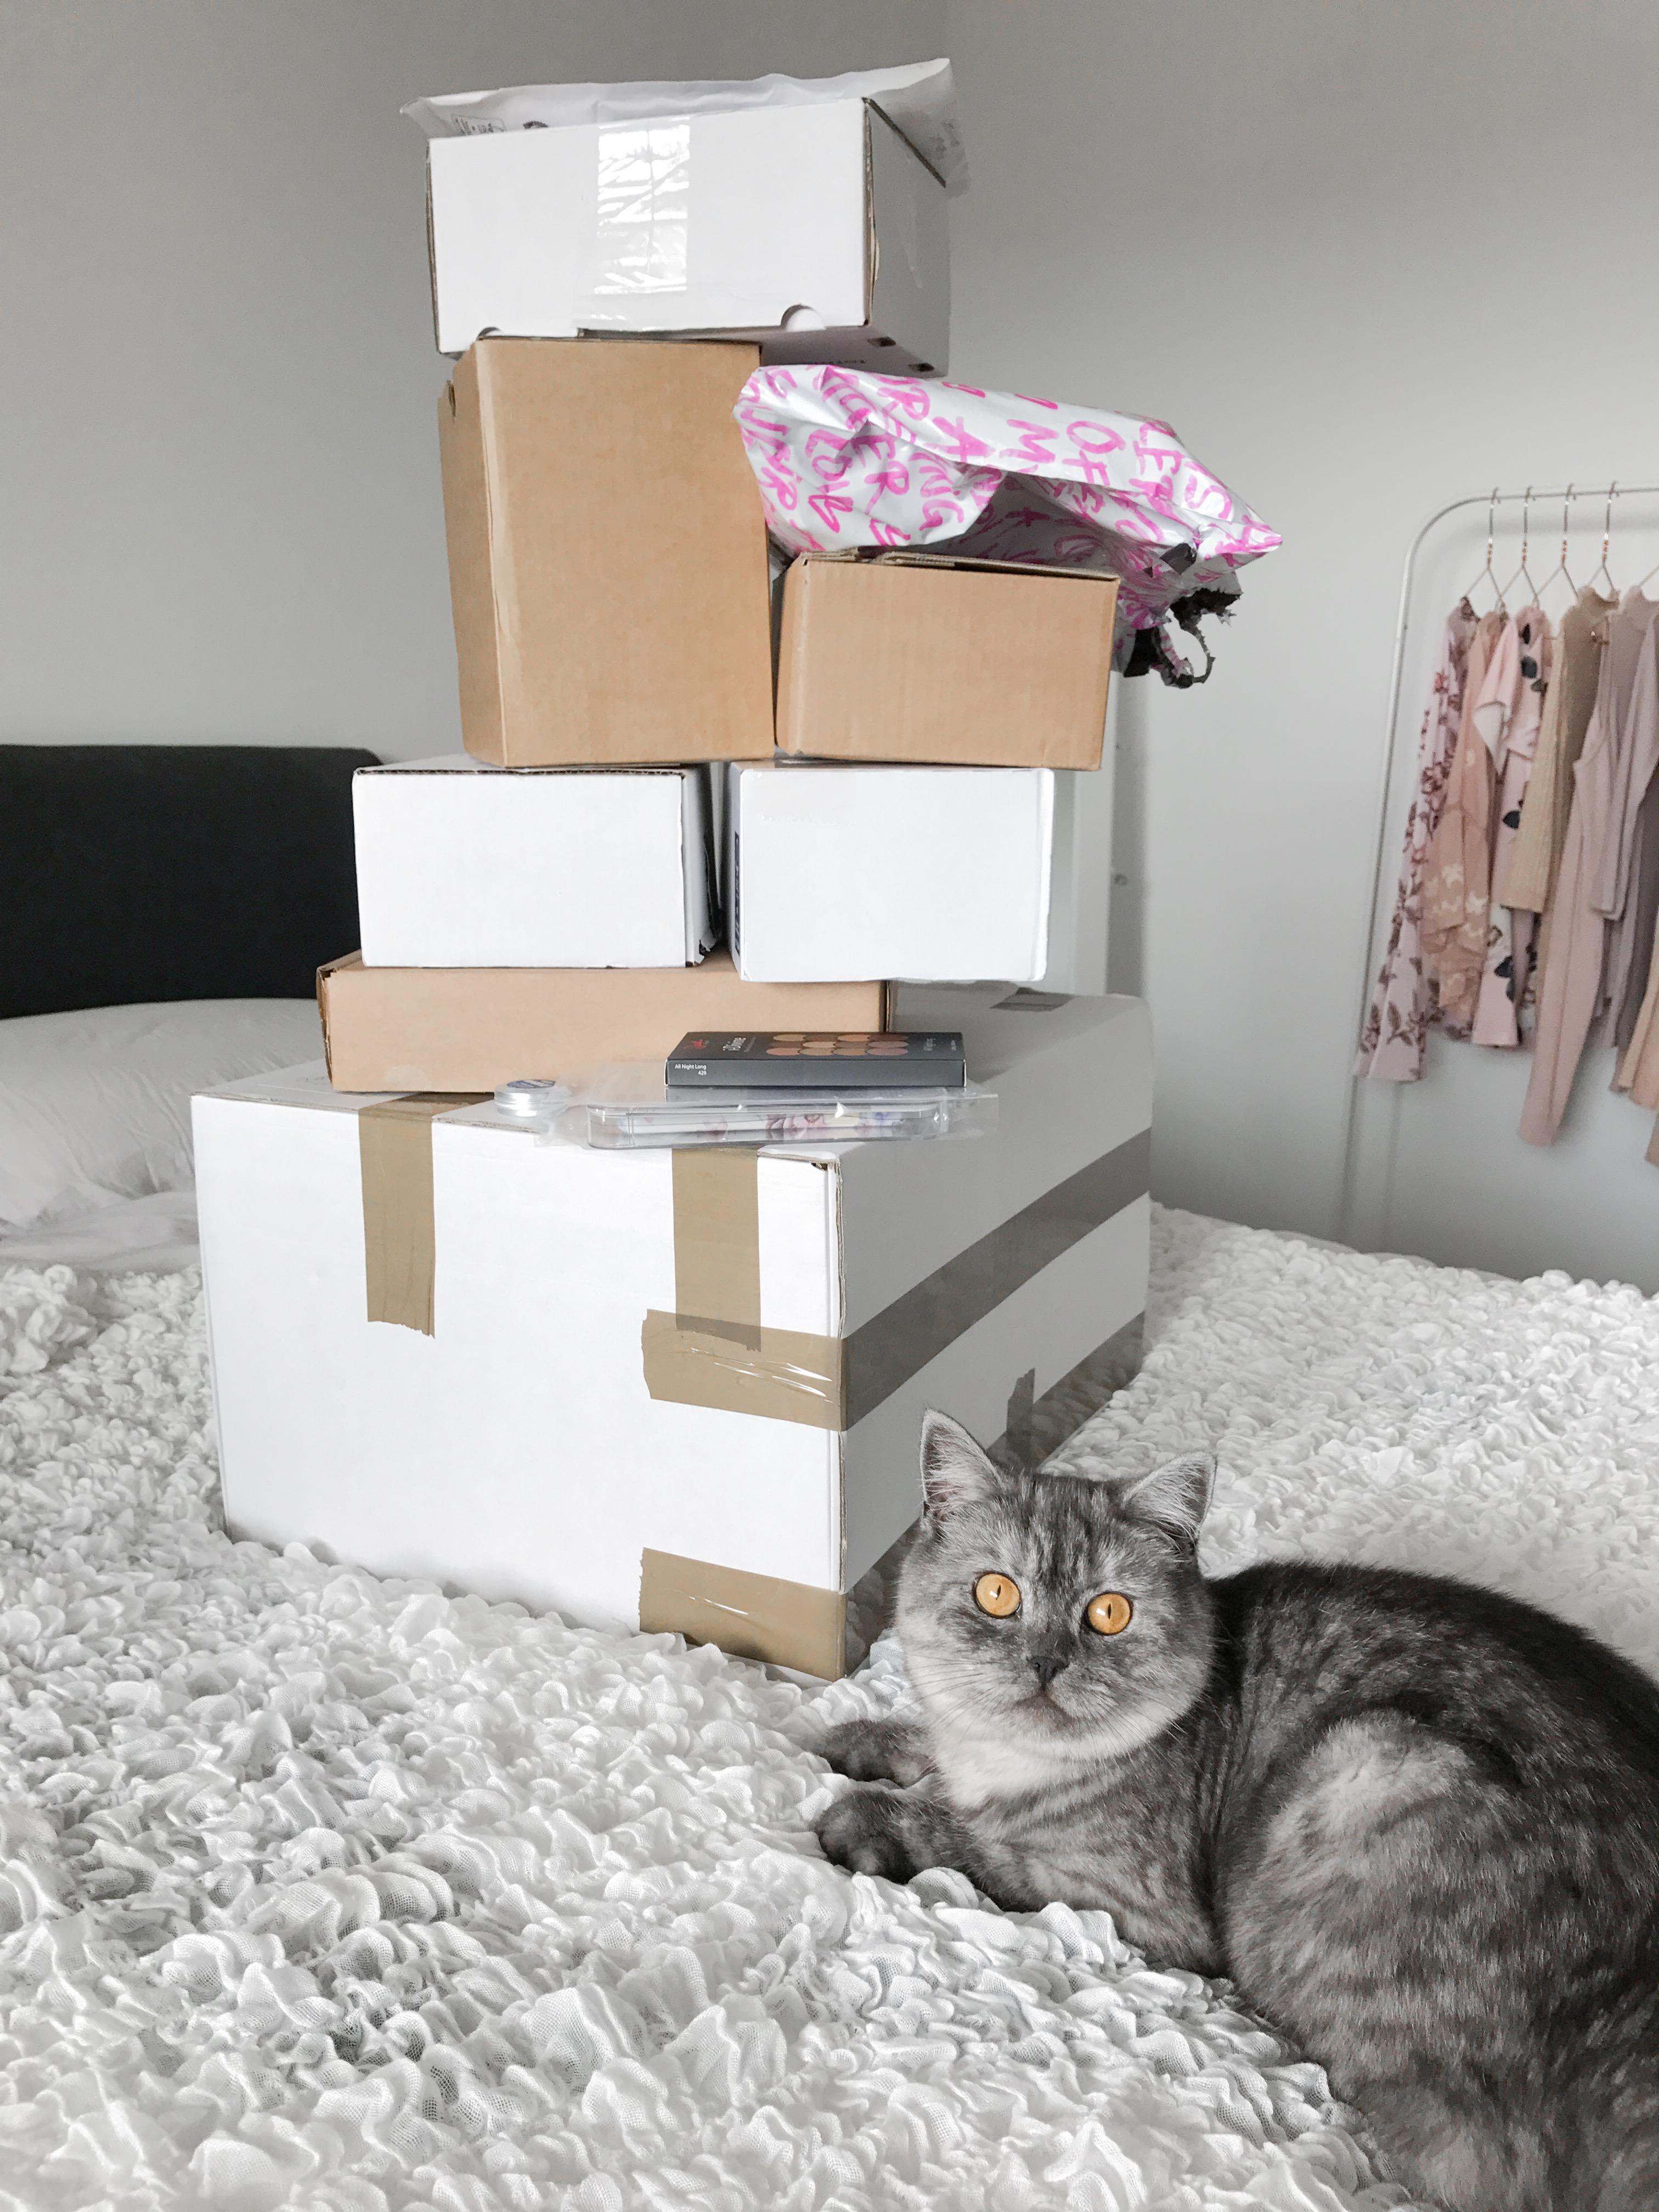 Unboxing van een heleboel pakketjes